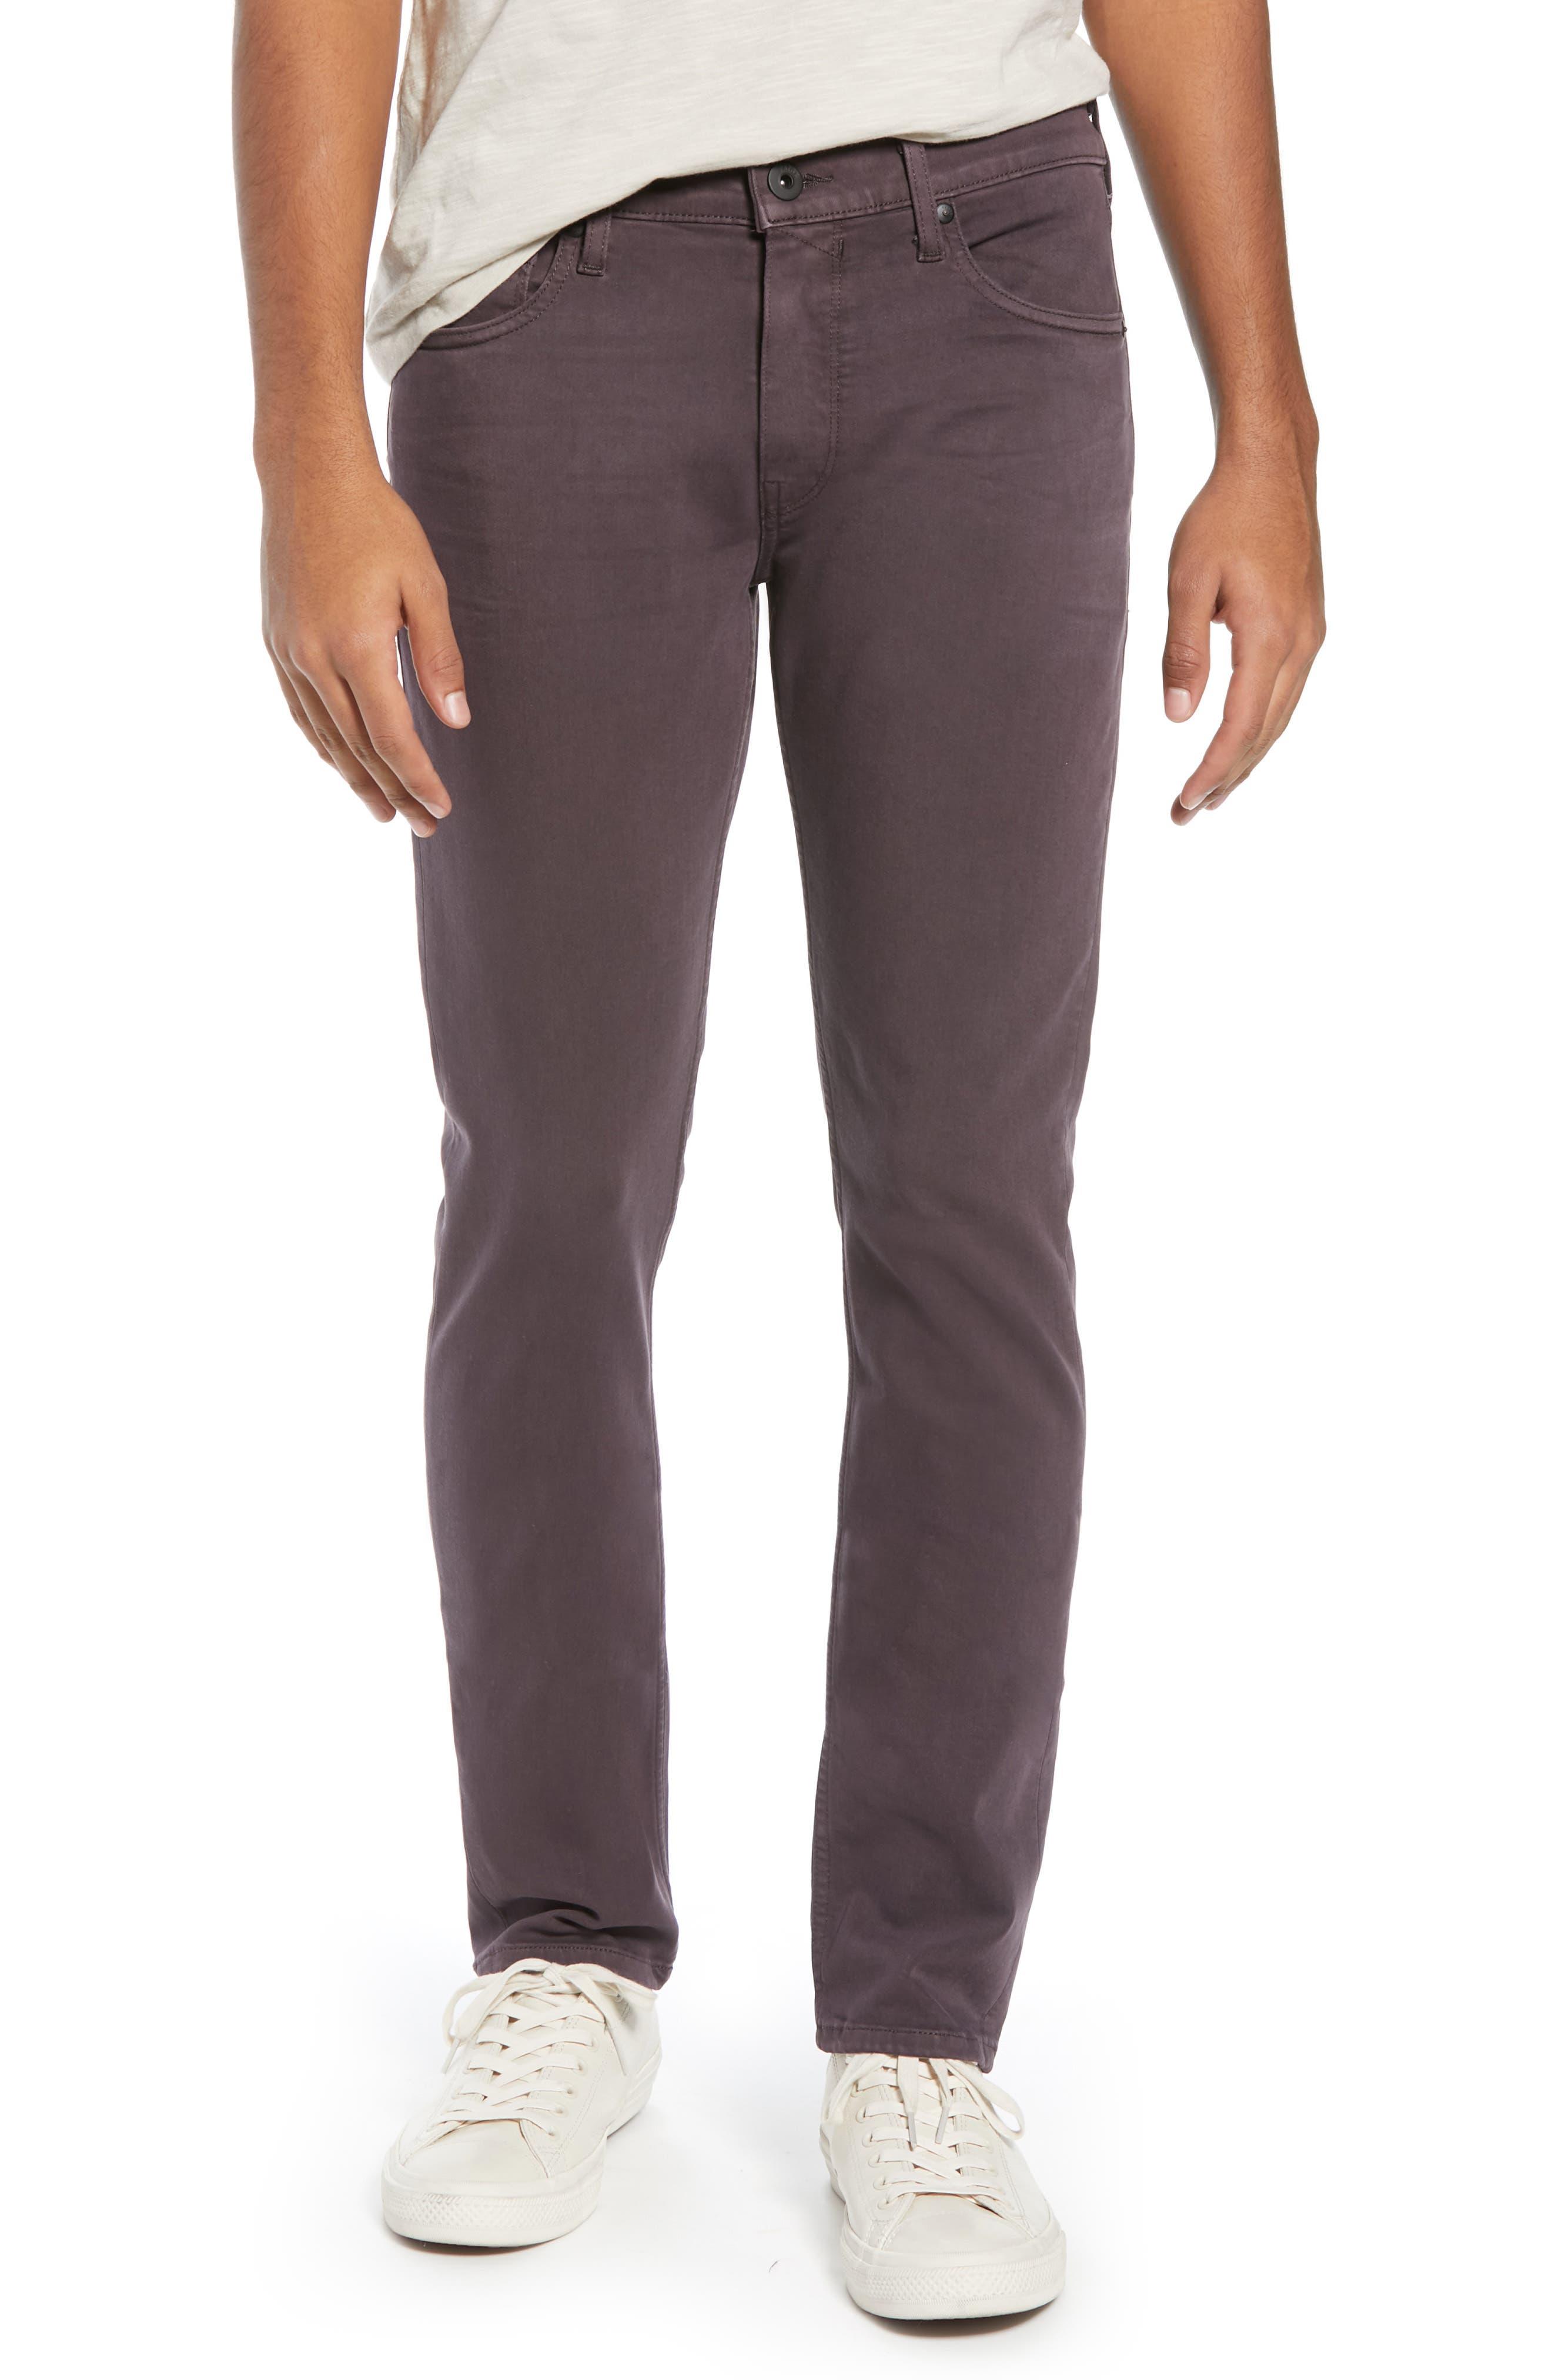 Transcend - Lennox Slim Fit Jeans, Main, color, VINTAGE PLUM WINE